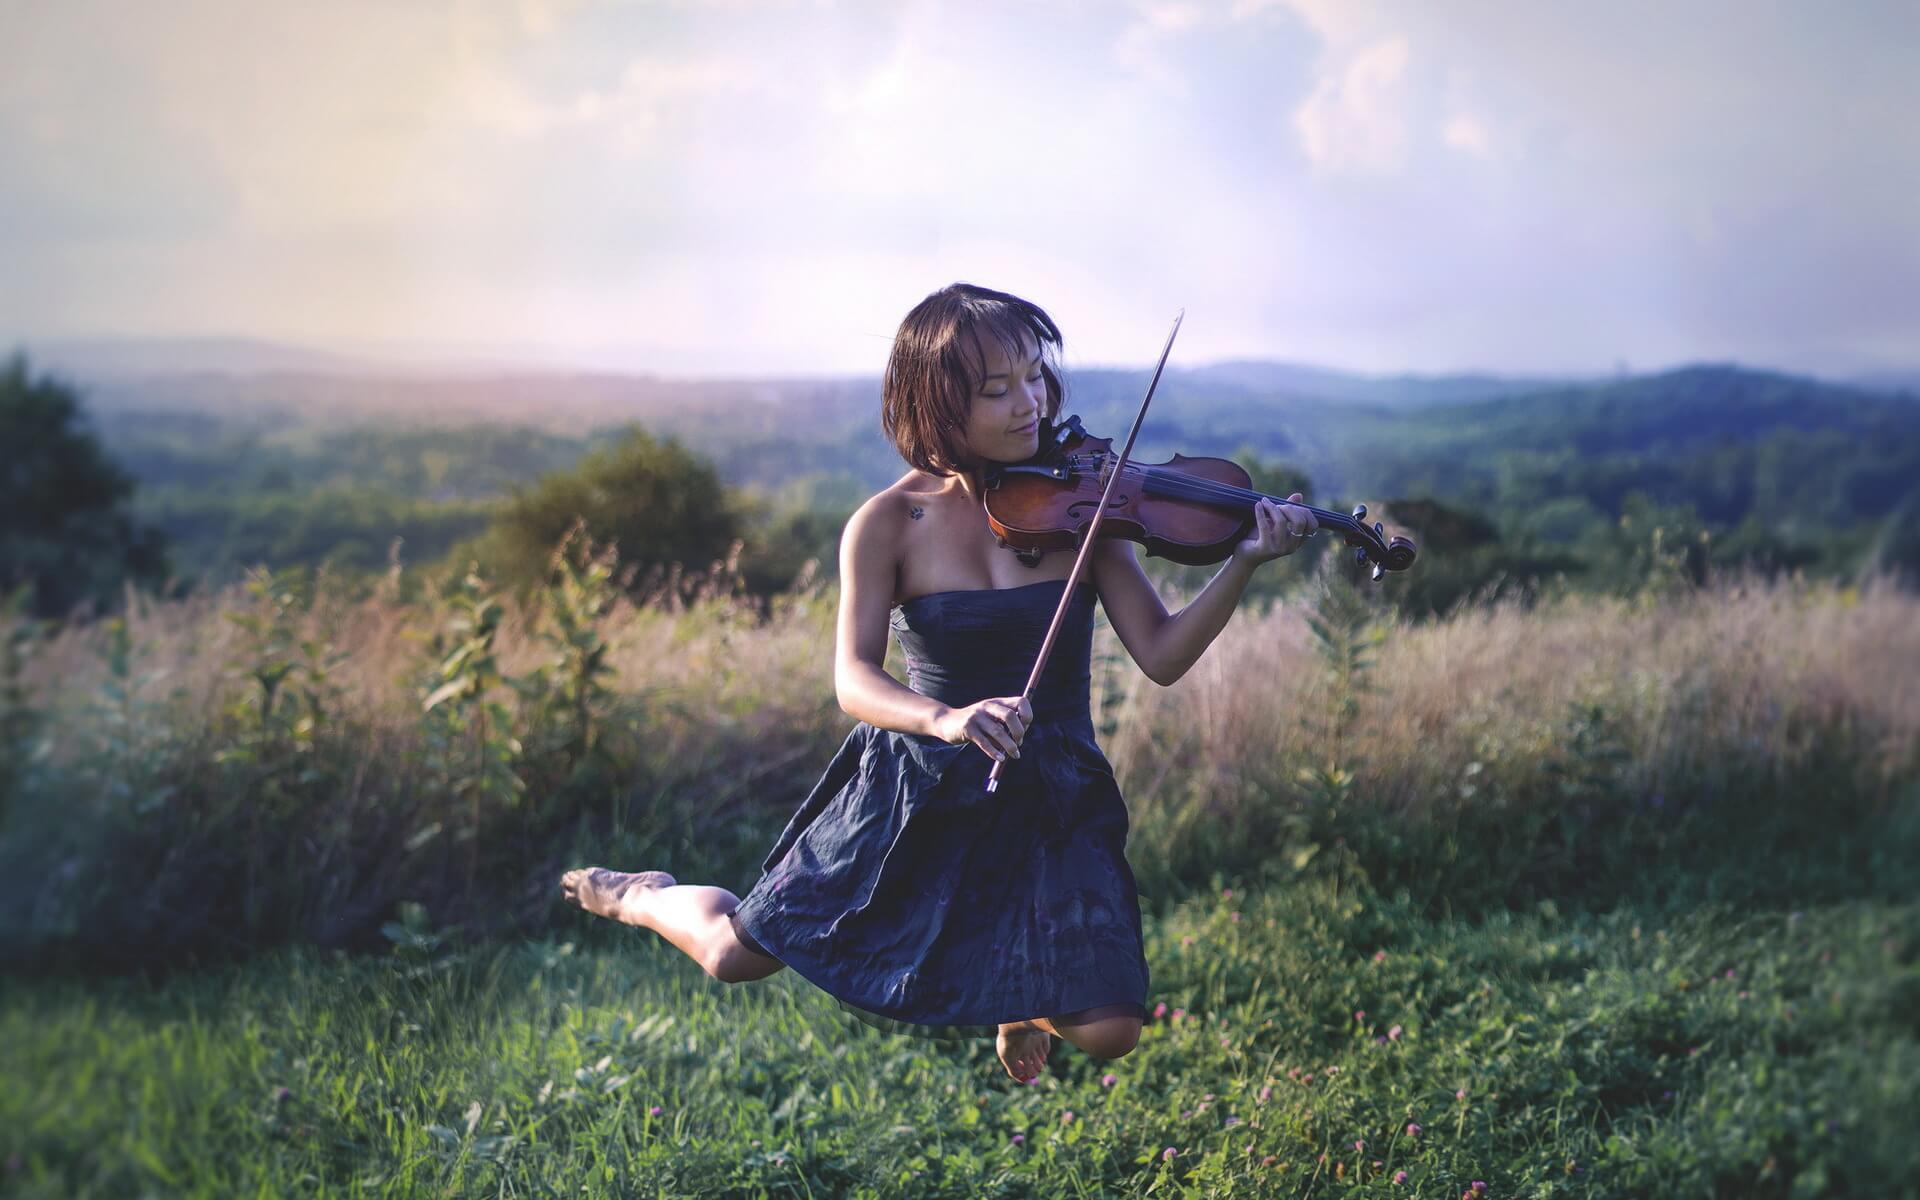 Прикольные картинки девушка и музыка, лучшие обои, фото (26 штук) 1